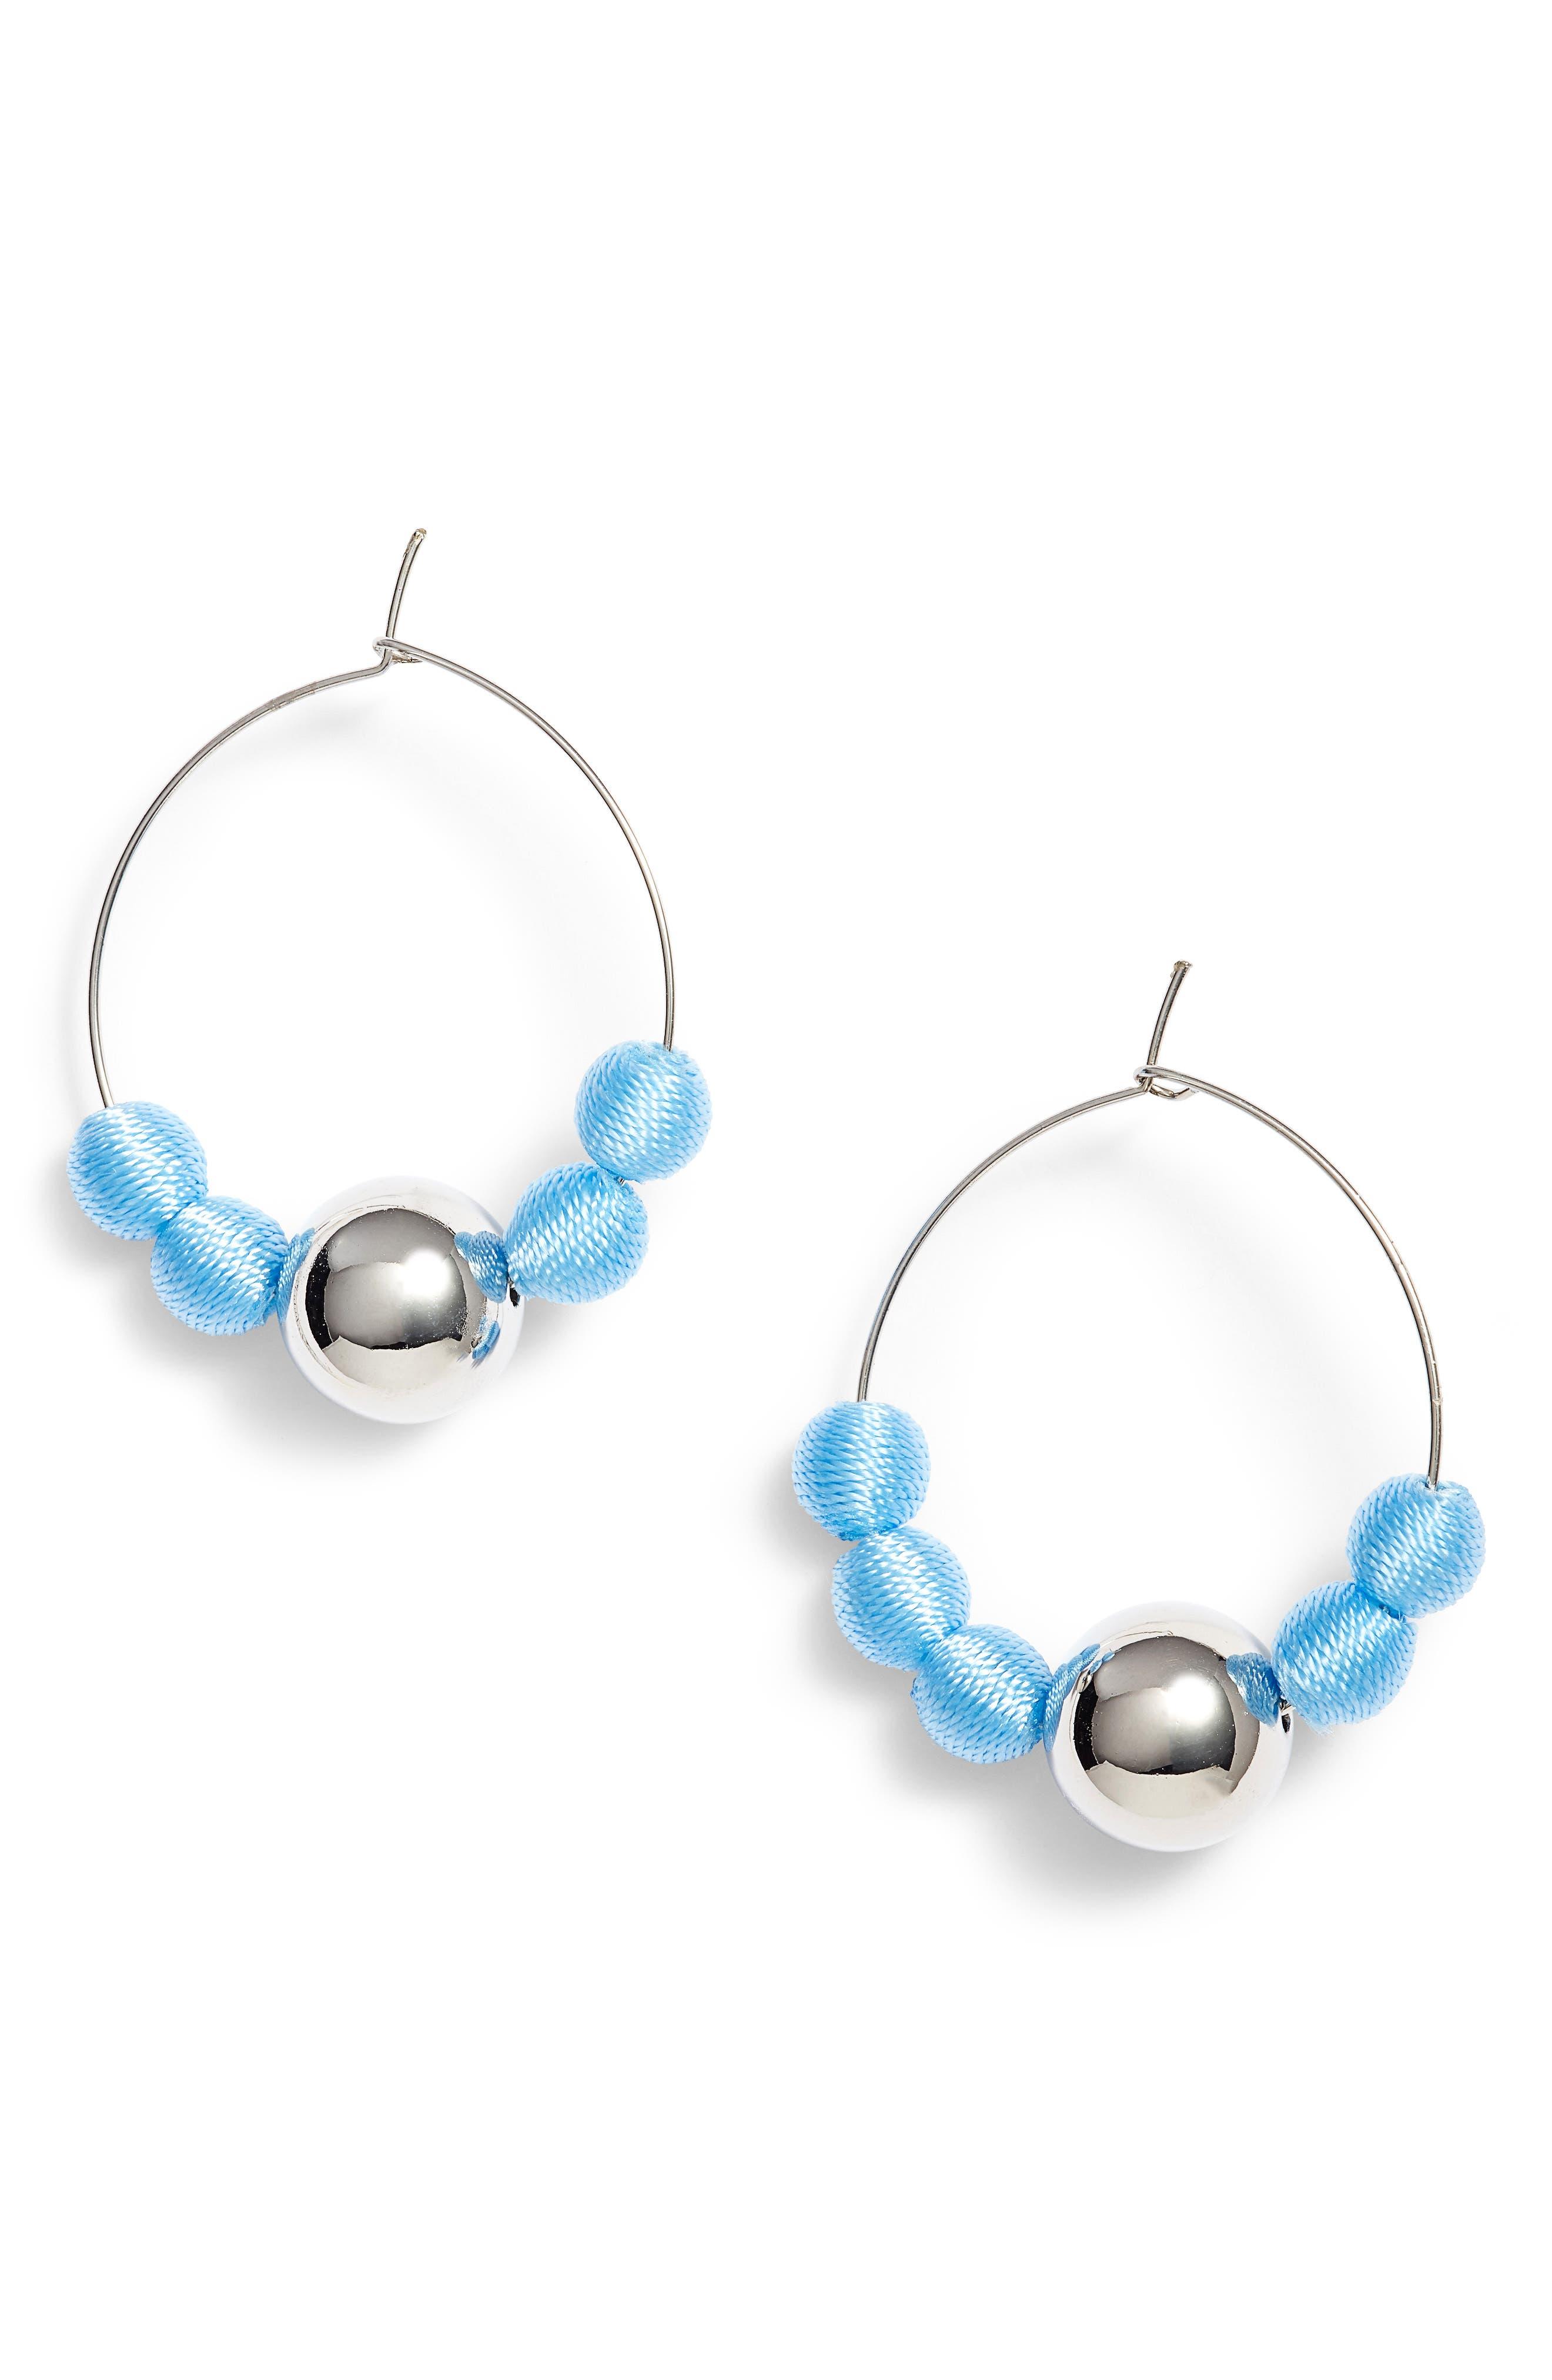 Alternate Image 1 Selected - Rebecca Minkoff Threaded Sphere Hoop Earrings